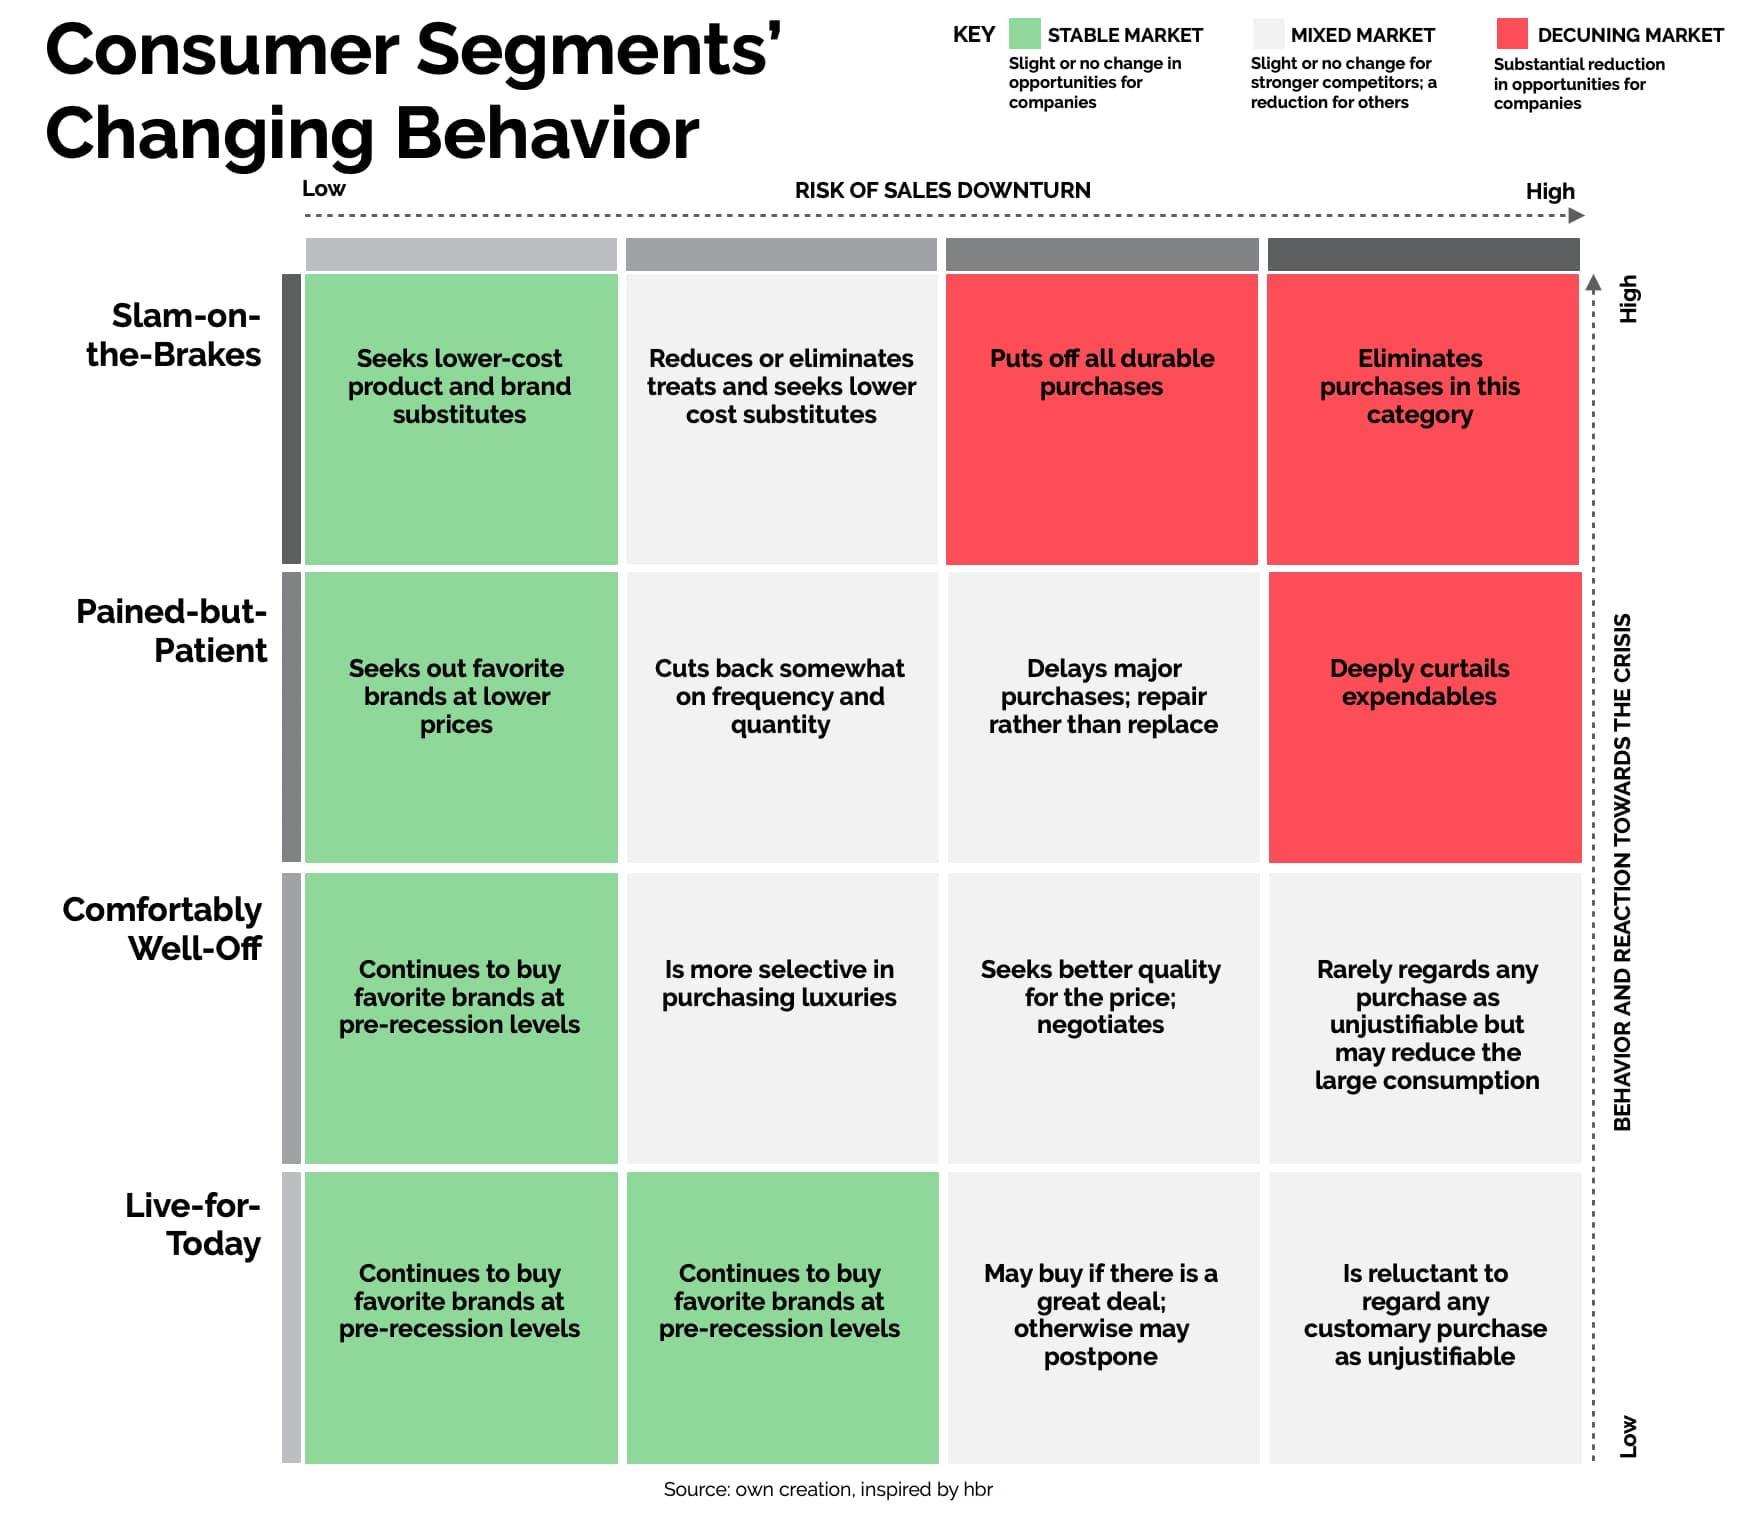 Harvard Business Review Framen Marketing Werbung Corona Konsumverhalten Konsument Covid Segmentierung Targeting Kauf kaufen Verhalten Käufer Strategie Krise Märkte Reduzierung Konkurrenz Marktsegment